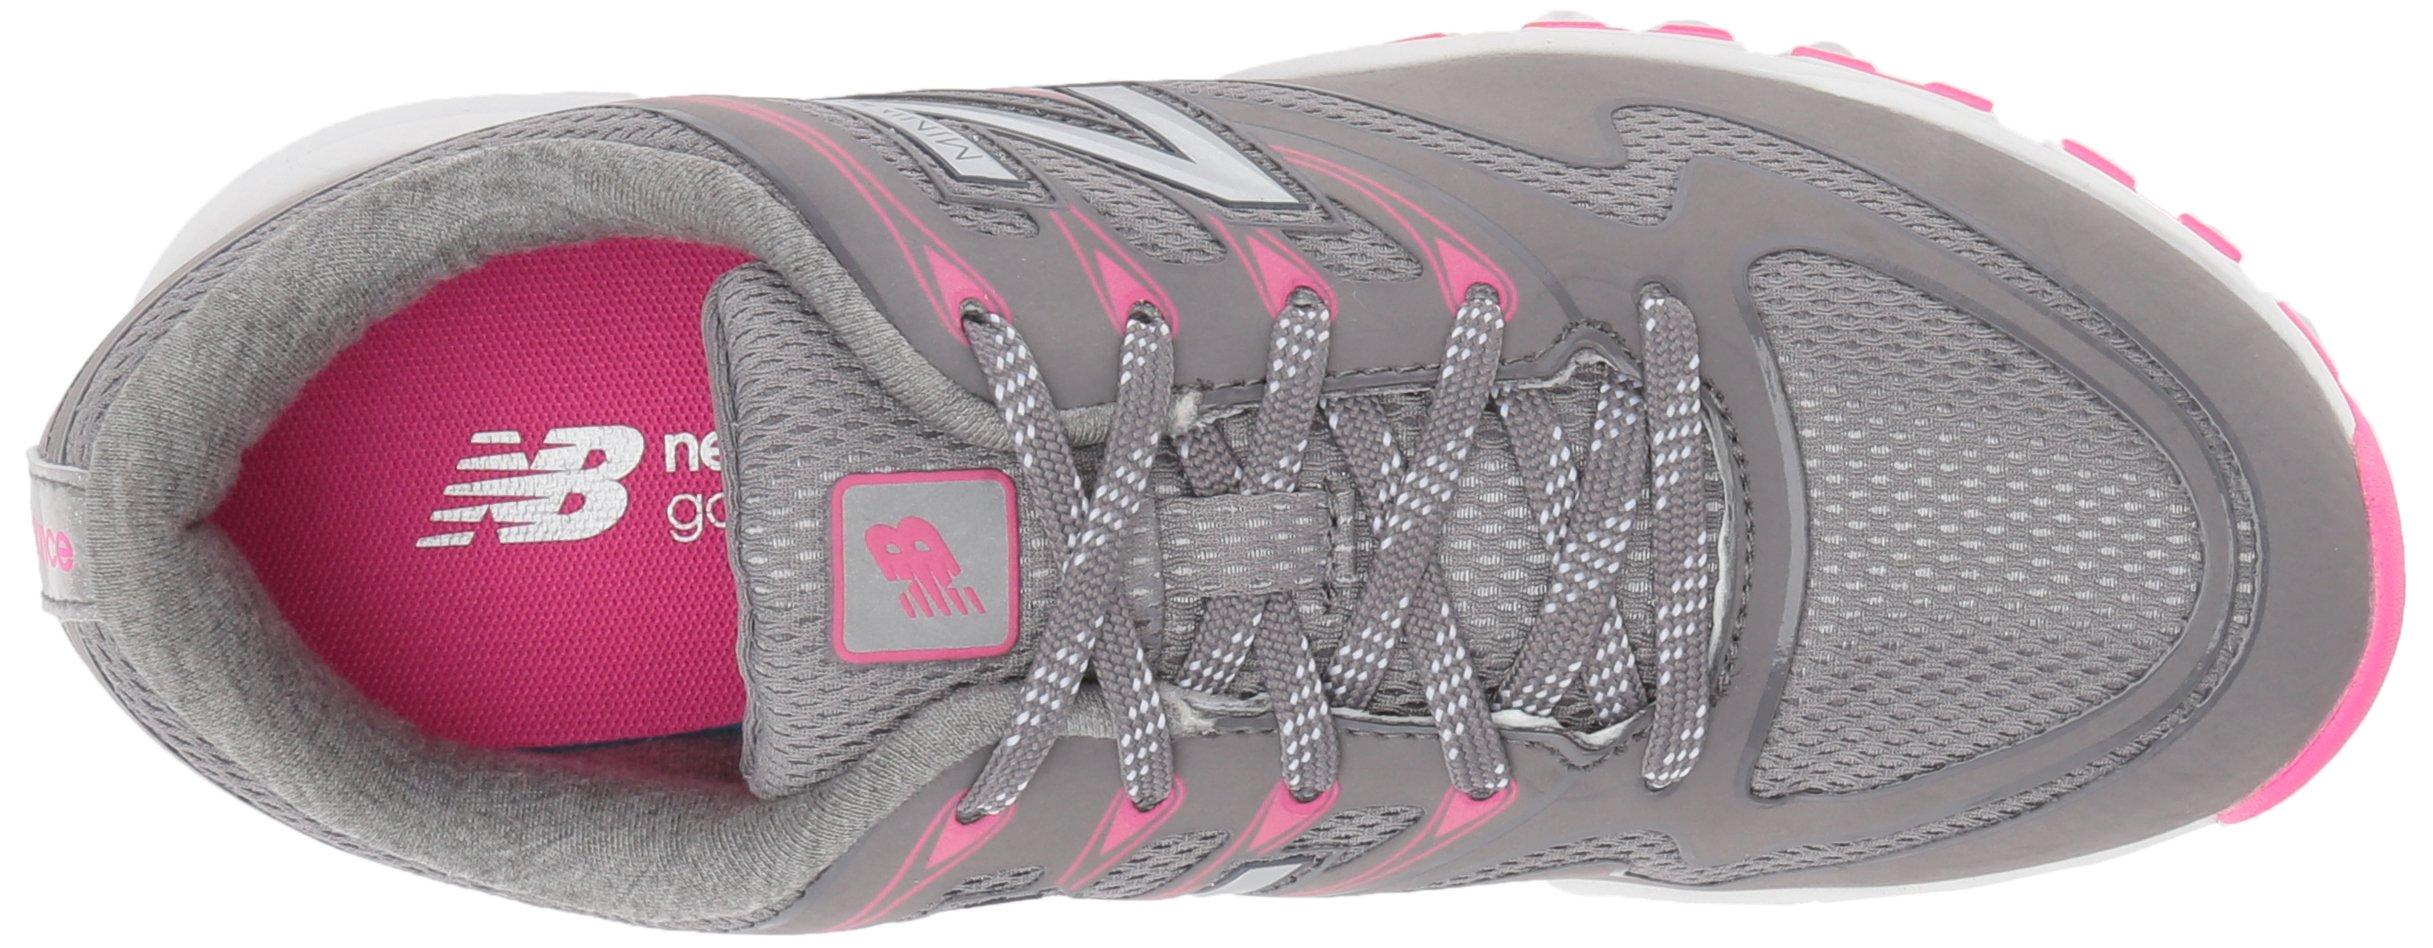 New Balance Women's Minimus Sport Golf Shoe, Pink/Grey, 7.5 B B US by New Balance (Image #8)